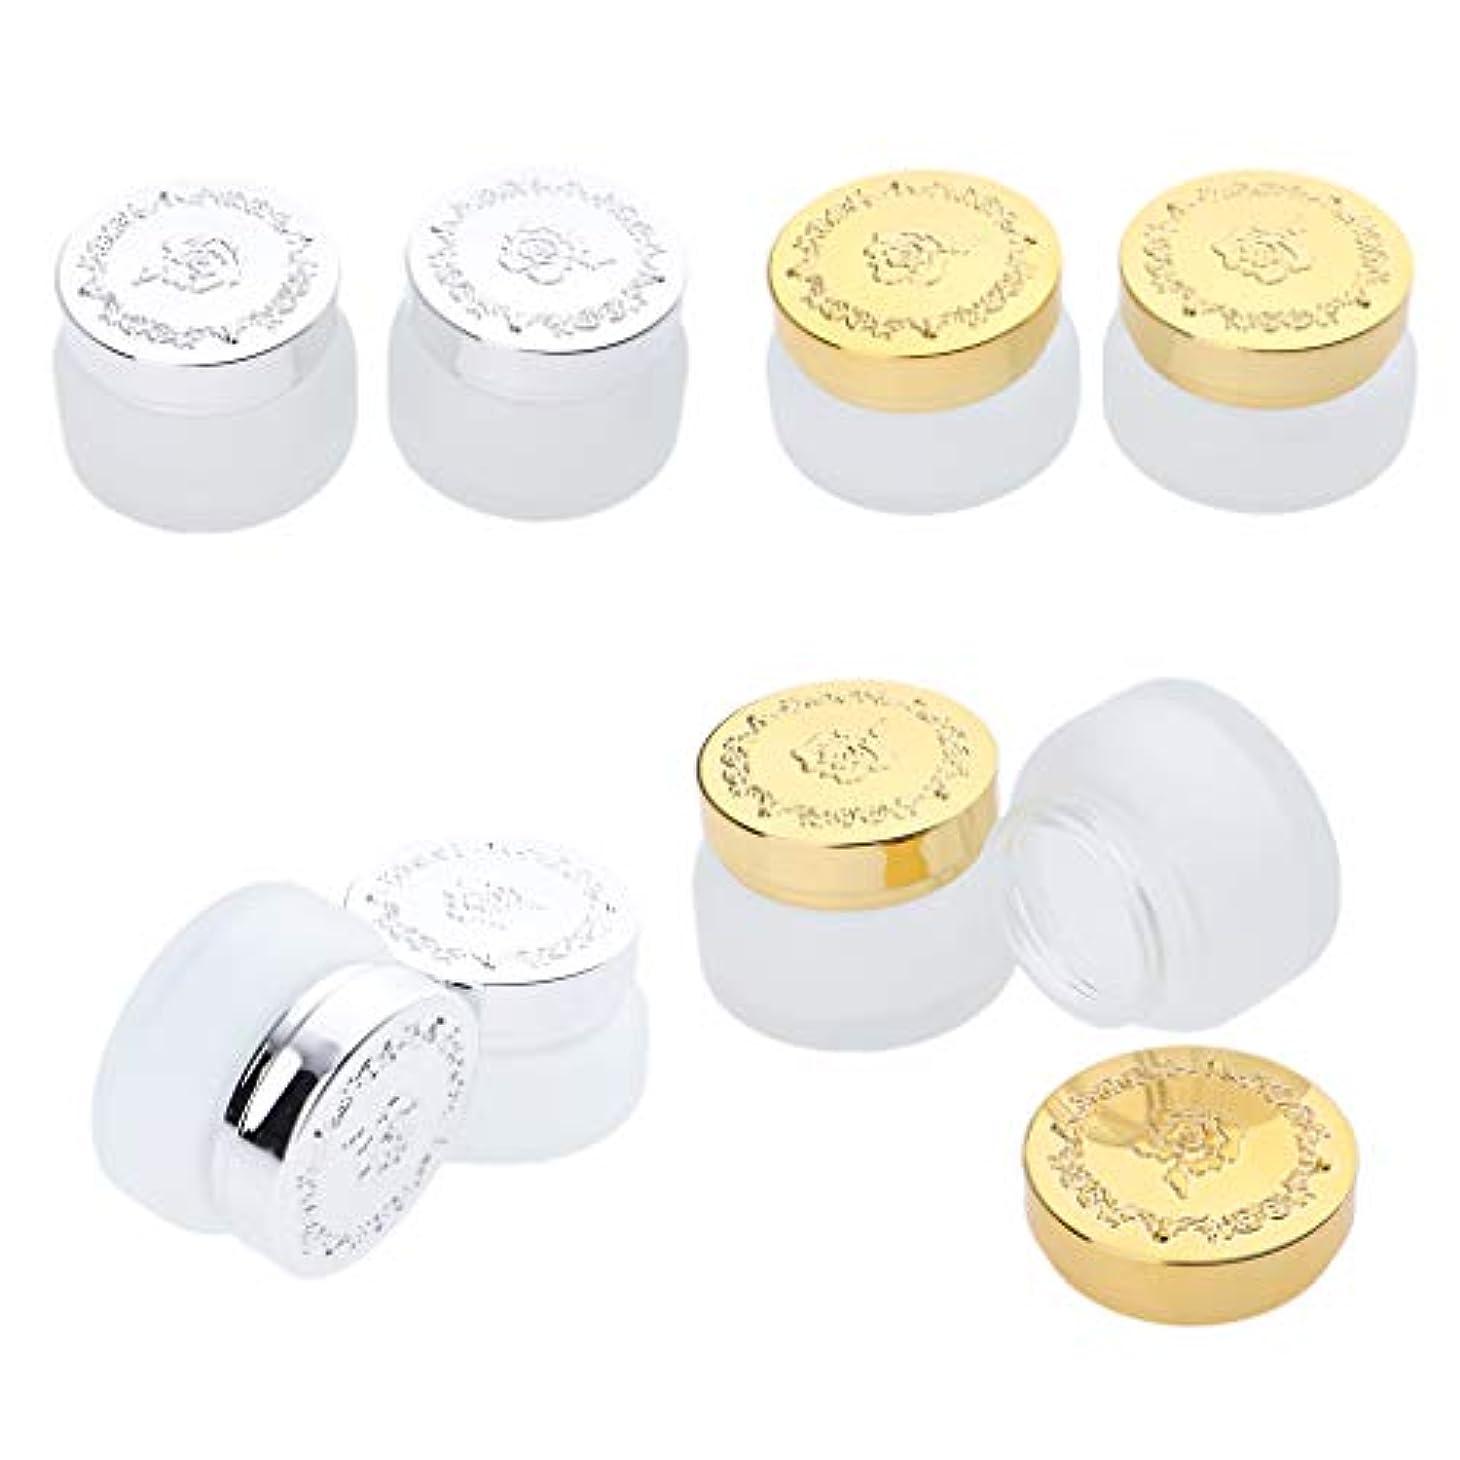 家庭教師ショッピングセンター金属DYNWAVE ハンドクリーム 容器 乳白色 ハンド クリーム アロマ ボトル 8個セット